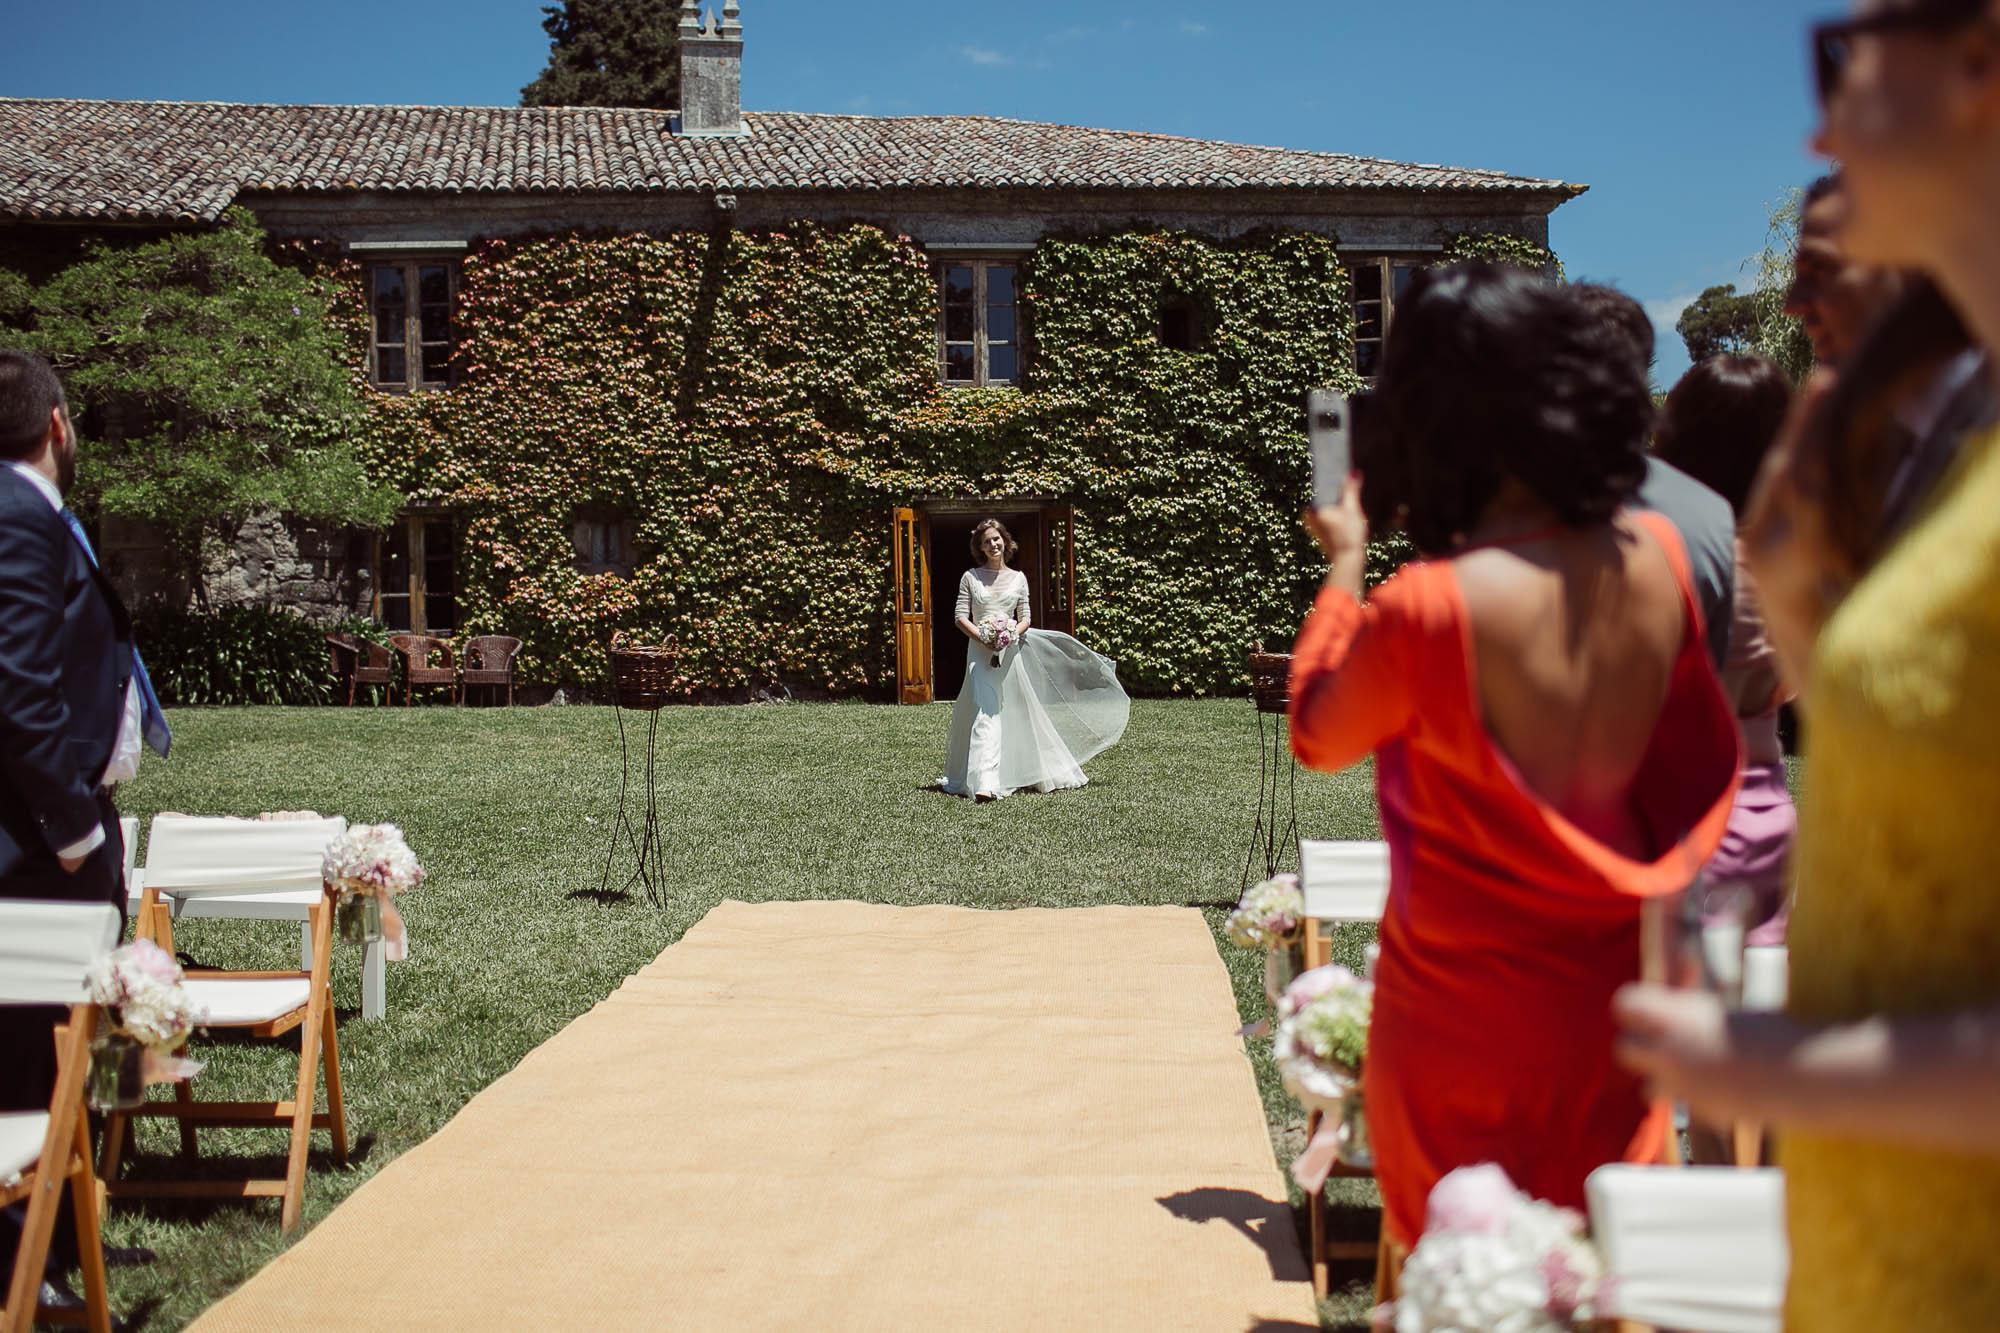 La novia se ve caminando hacia el altar mientras los invitados se giran emocionados y le sacan fotografías